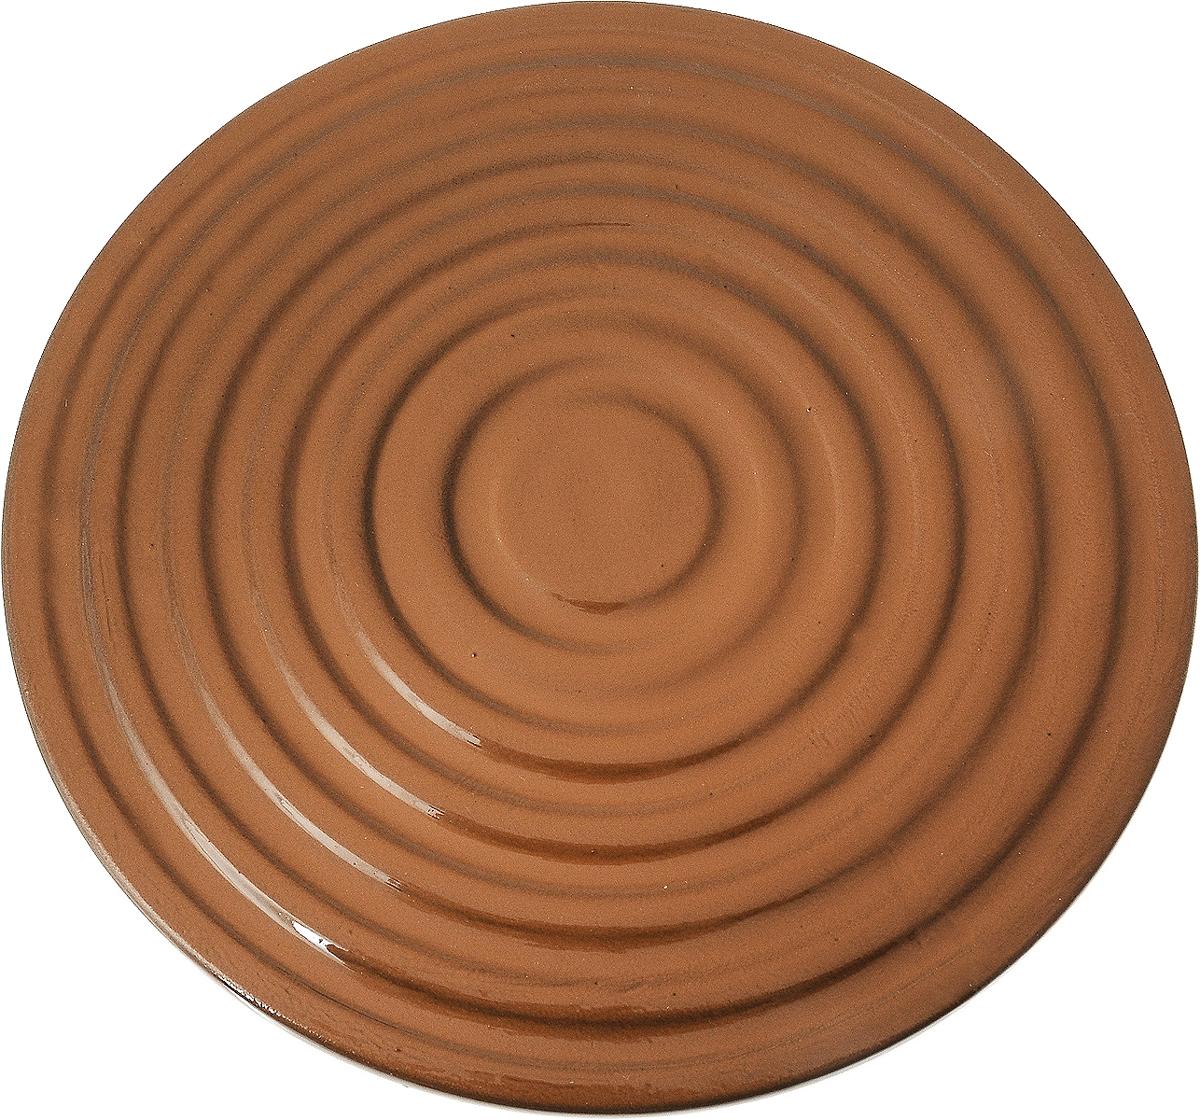 Подставка под горячее Борисовская керамика Стандарт, диаметр 18,5 смОБЧ00000693Подставка под горячее Борисовская керамика Стандарт изготовлена из жаропрочной керамики,что позволяет ей выдерживать высокие температуры.Каждая хозяйка знает, что подставка под горячее - это незаменимый и очень полезный аксессуарна каждой кухне. Ваш стол будет не только украшен яркой и оригинальной подставкой, но исбережен от воздействия высоких температур.